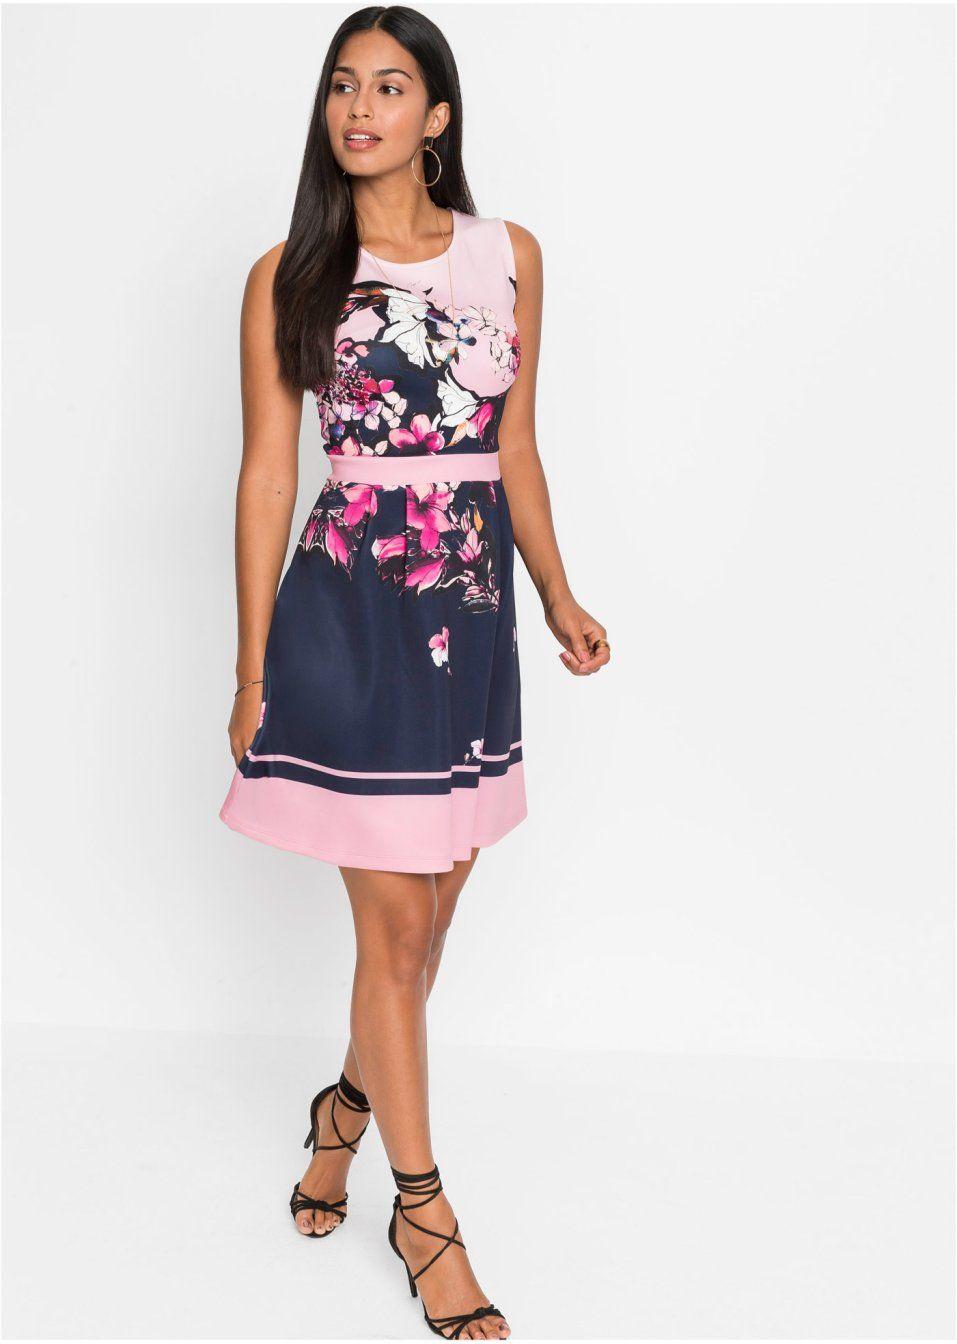 modisches kleid in taillierter form - rosa bedruckt